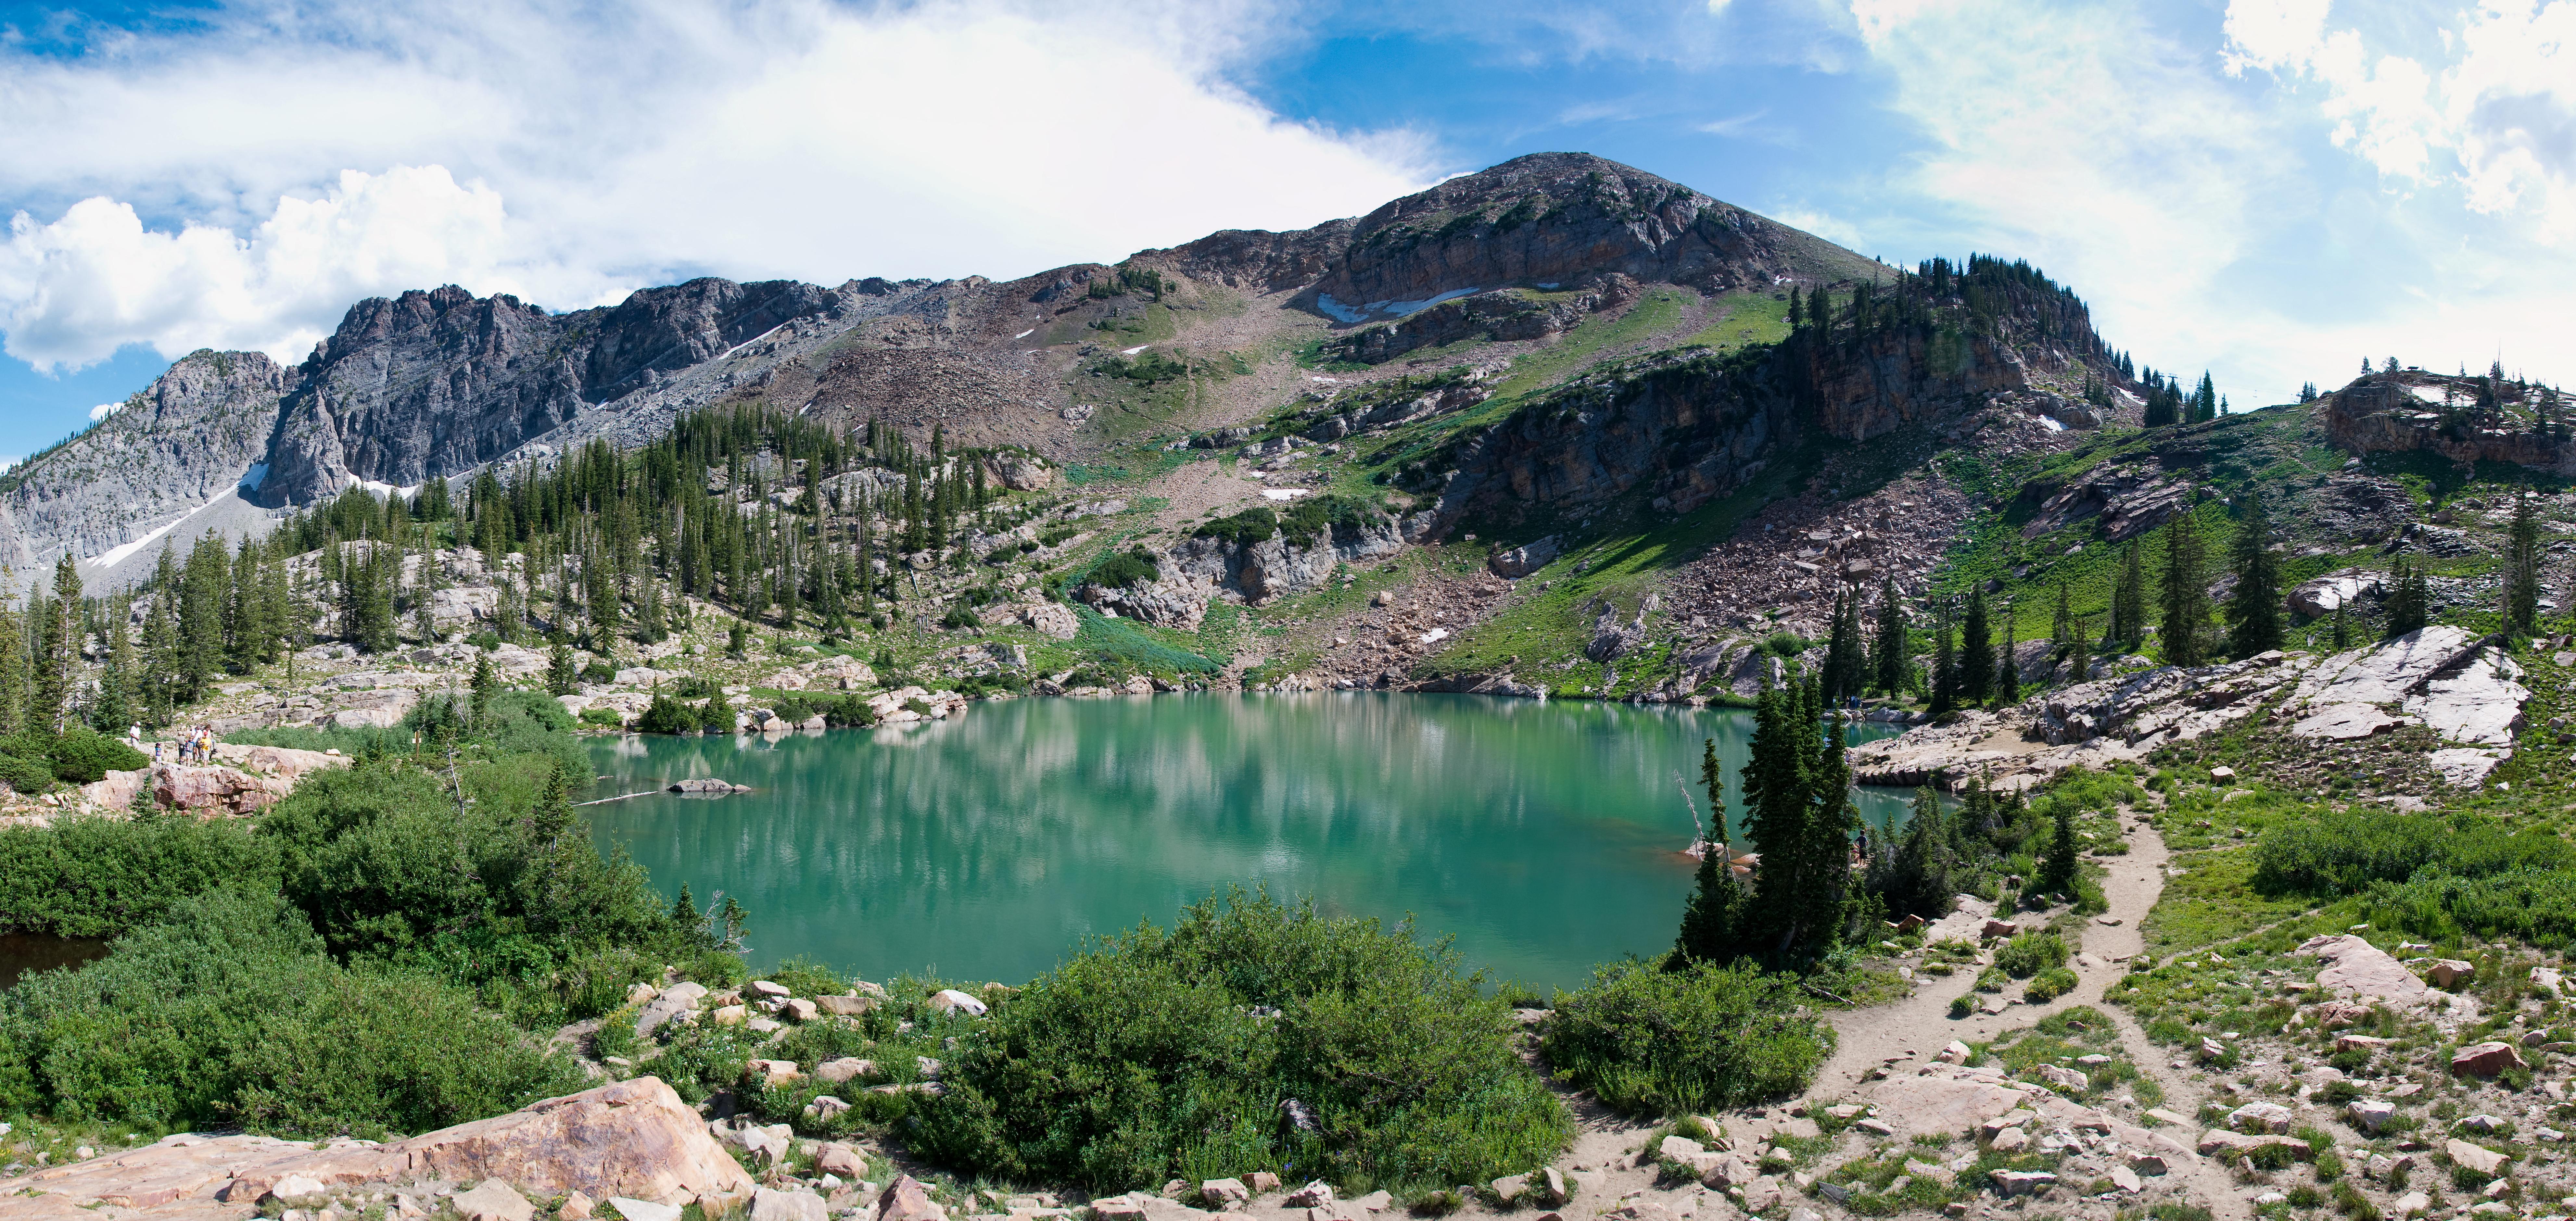 Cecret_Lake_Panorama_Albion_Basin_Alta_Utah_July_2009.jpg